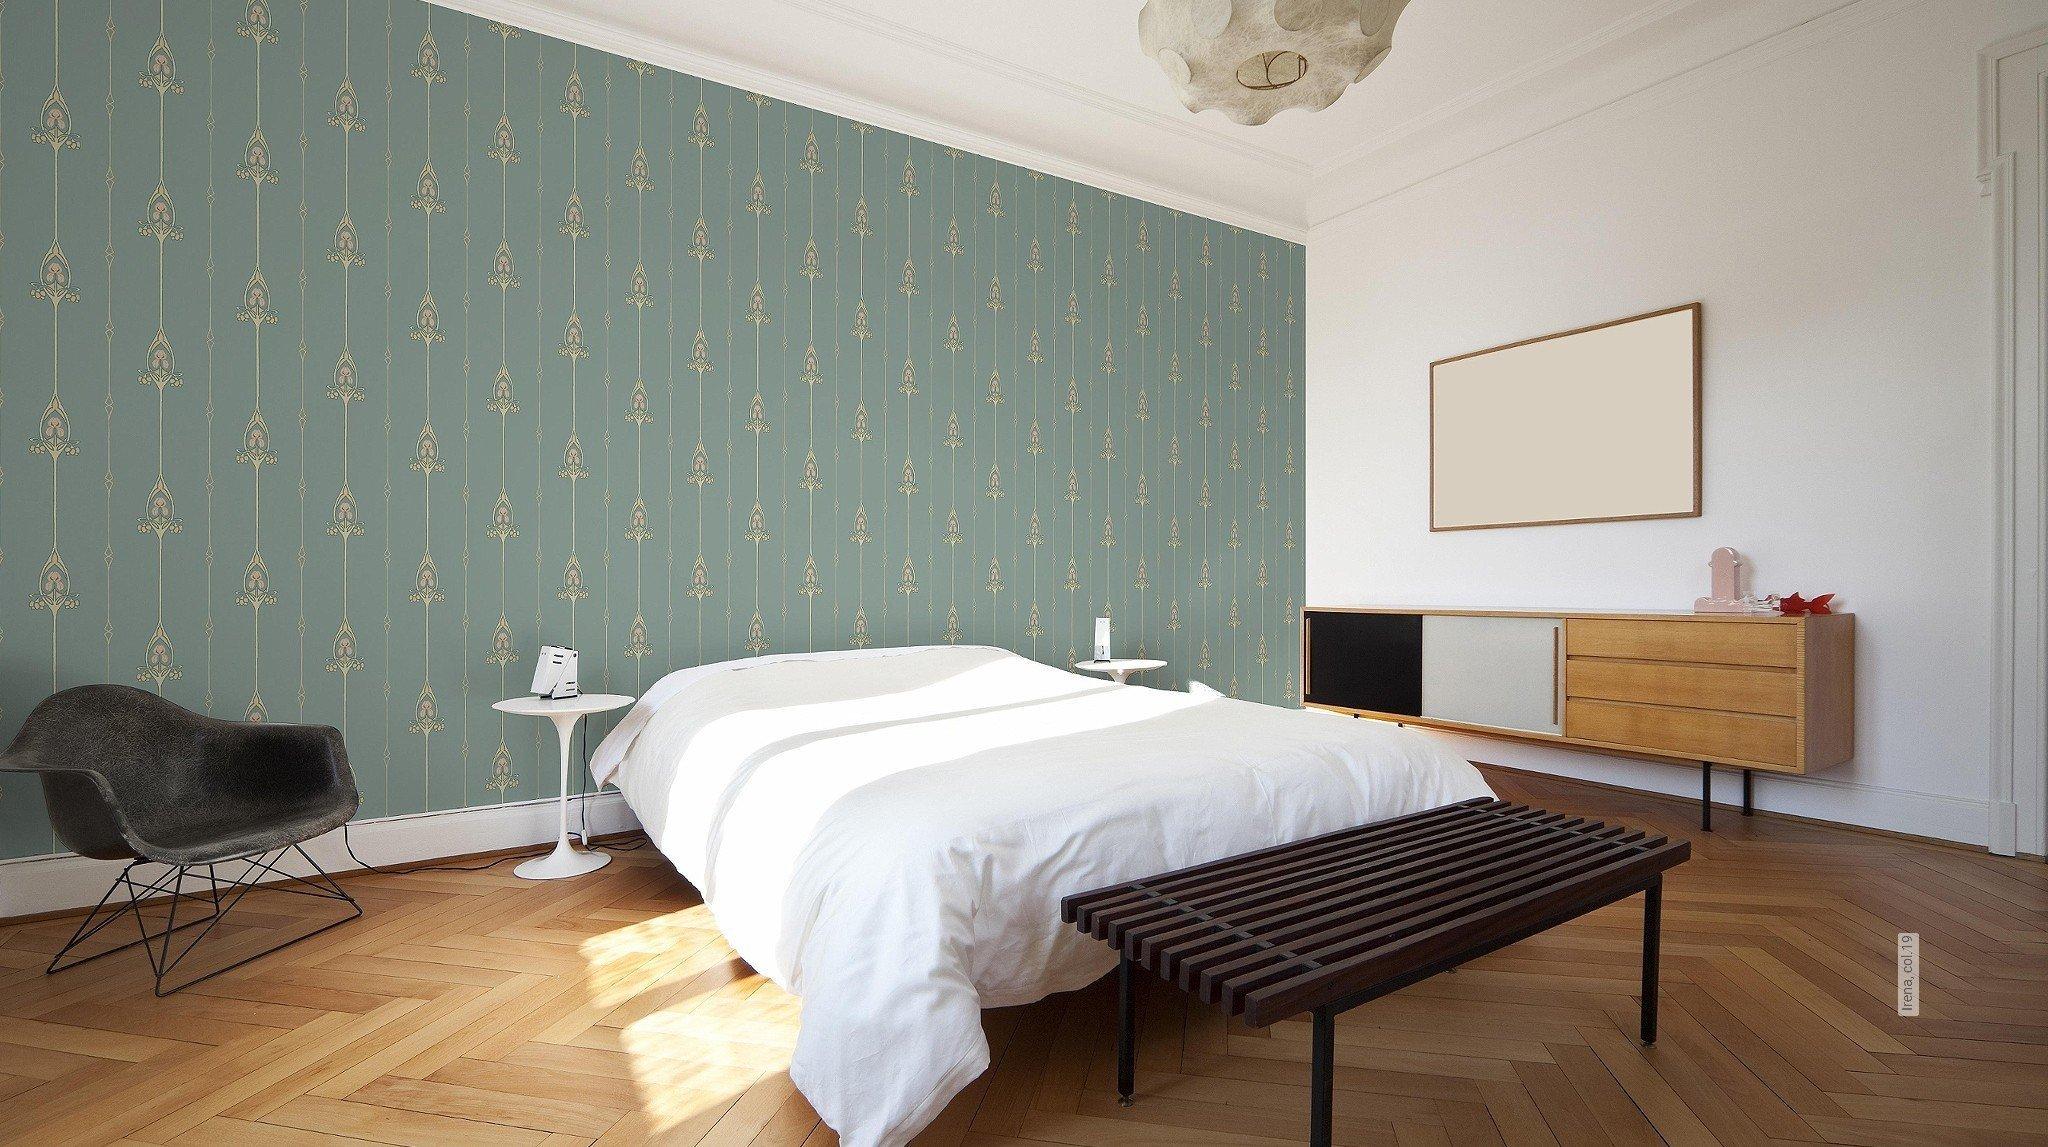 klassische tapeten von barock bis jugendstil. Black Bedroom Furniture Sets. Home Design Ideas